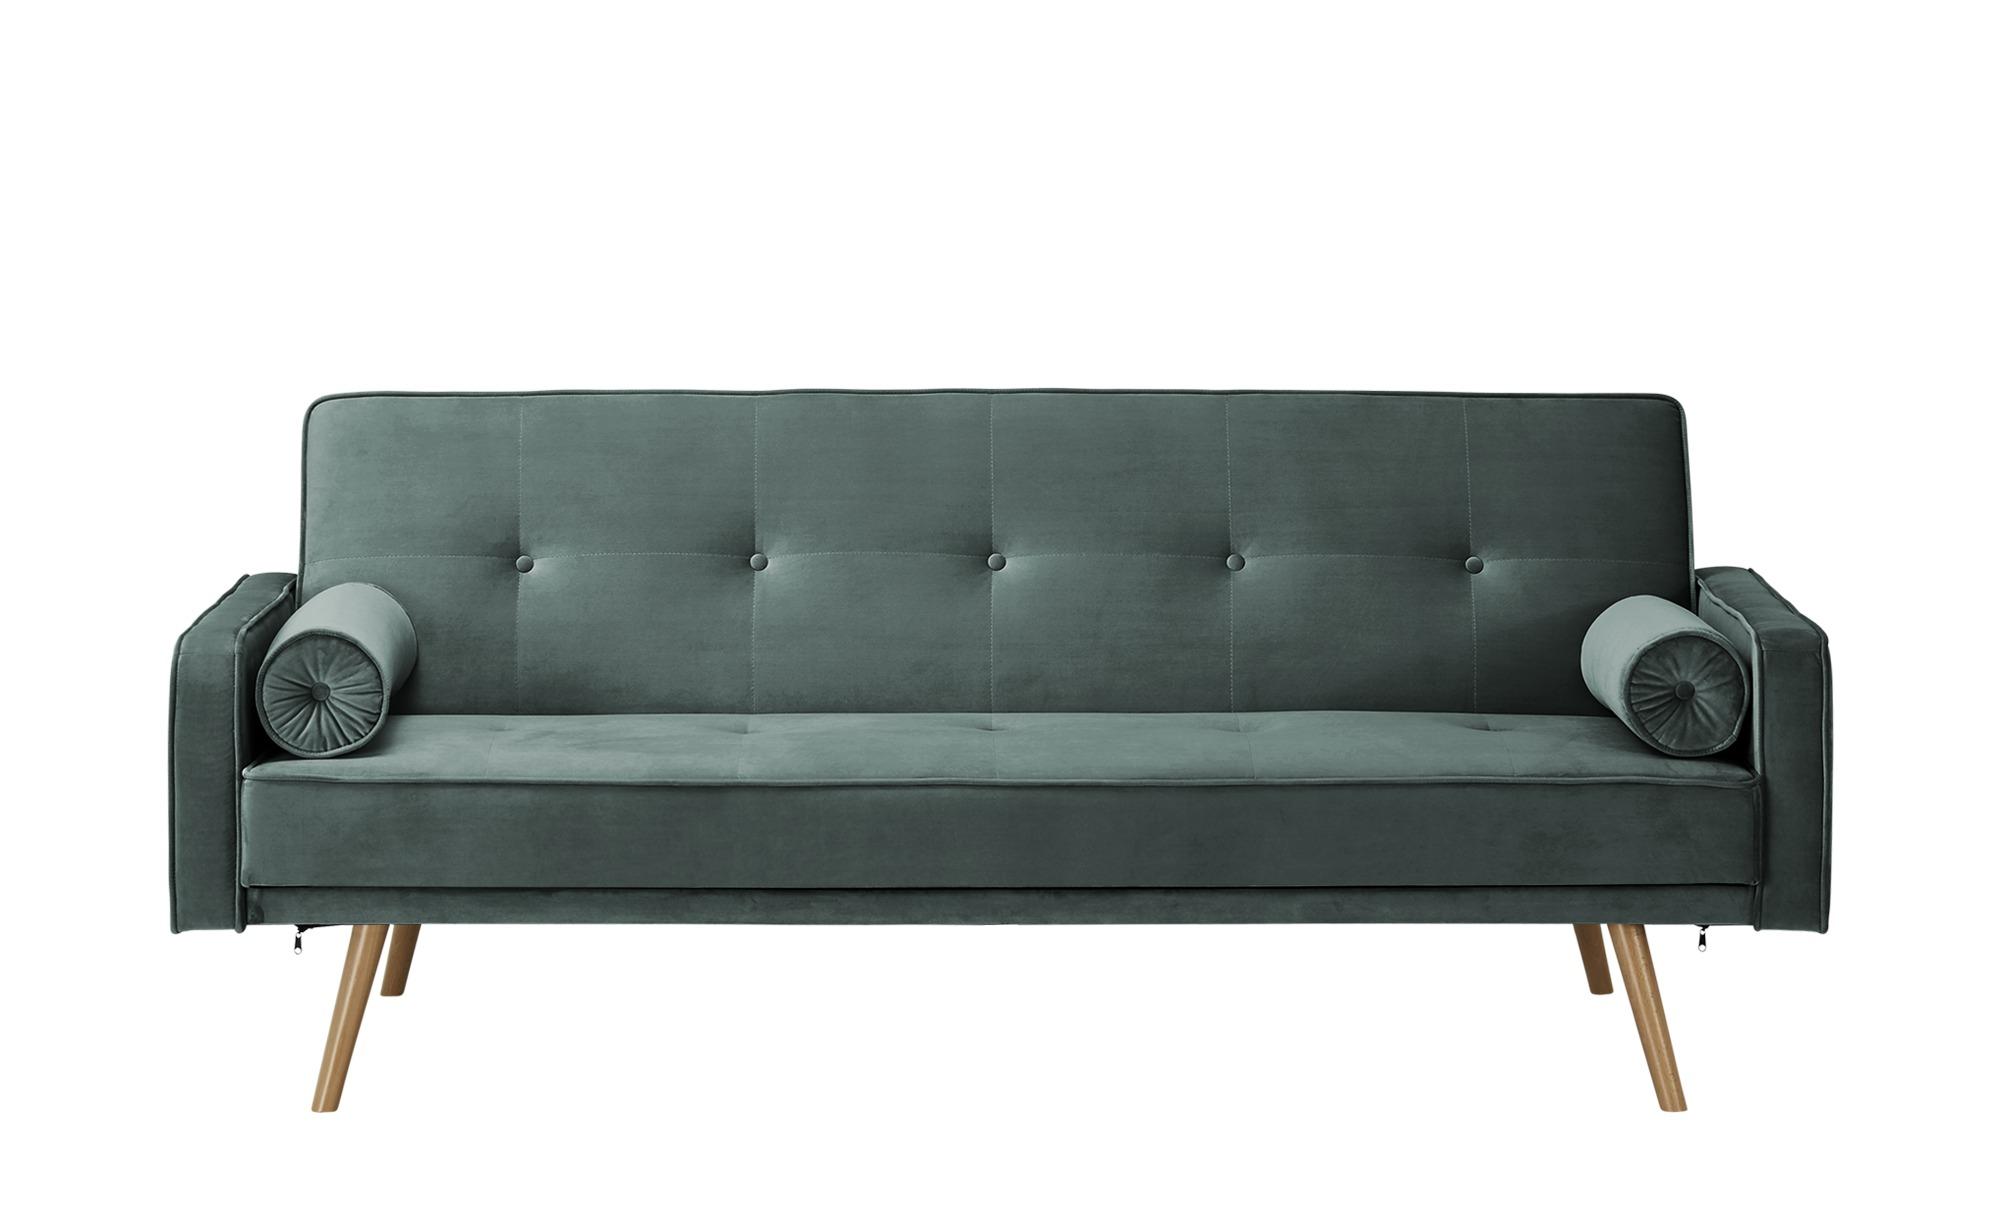 Sofa mit Funktion  Fibi ¦ türkis/petrol ¦ Maße (cm): B: 207 H: 92 T: 93 Polstermöbel > Sofas > Einzelsofas - Höffner